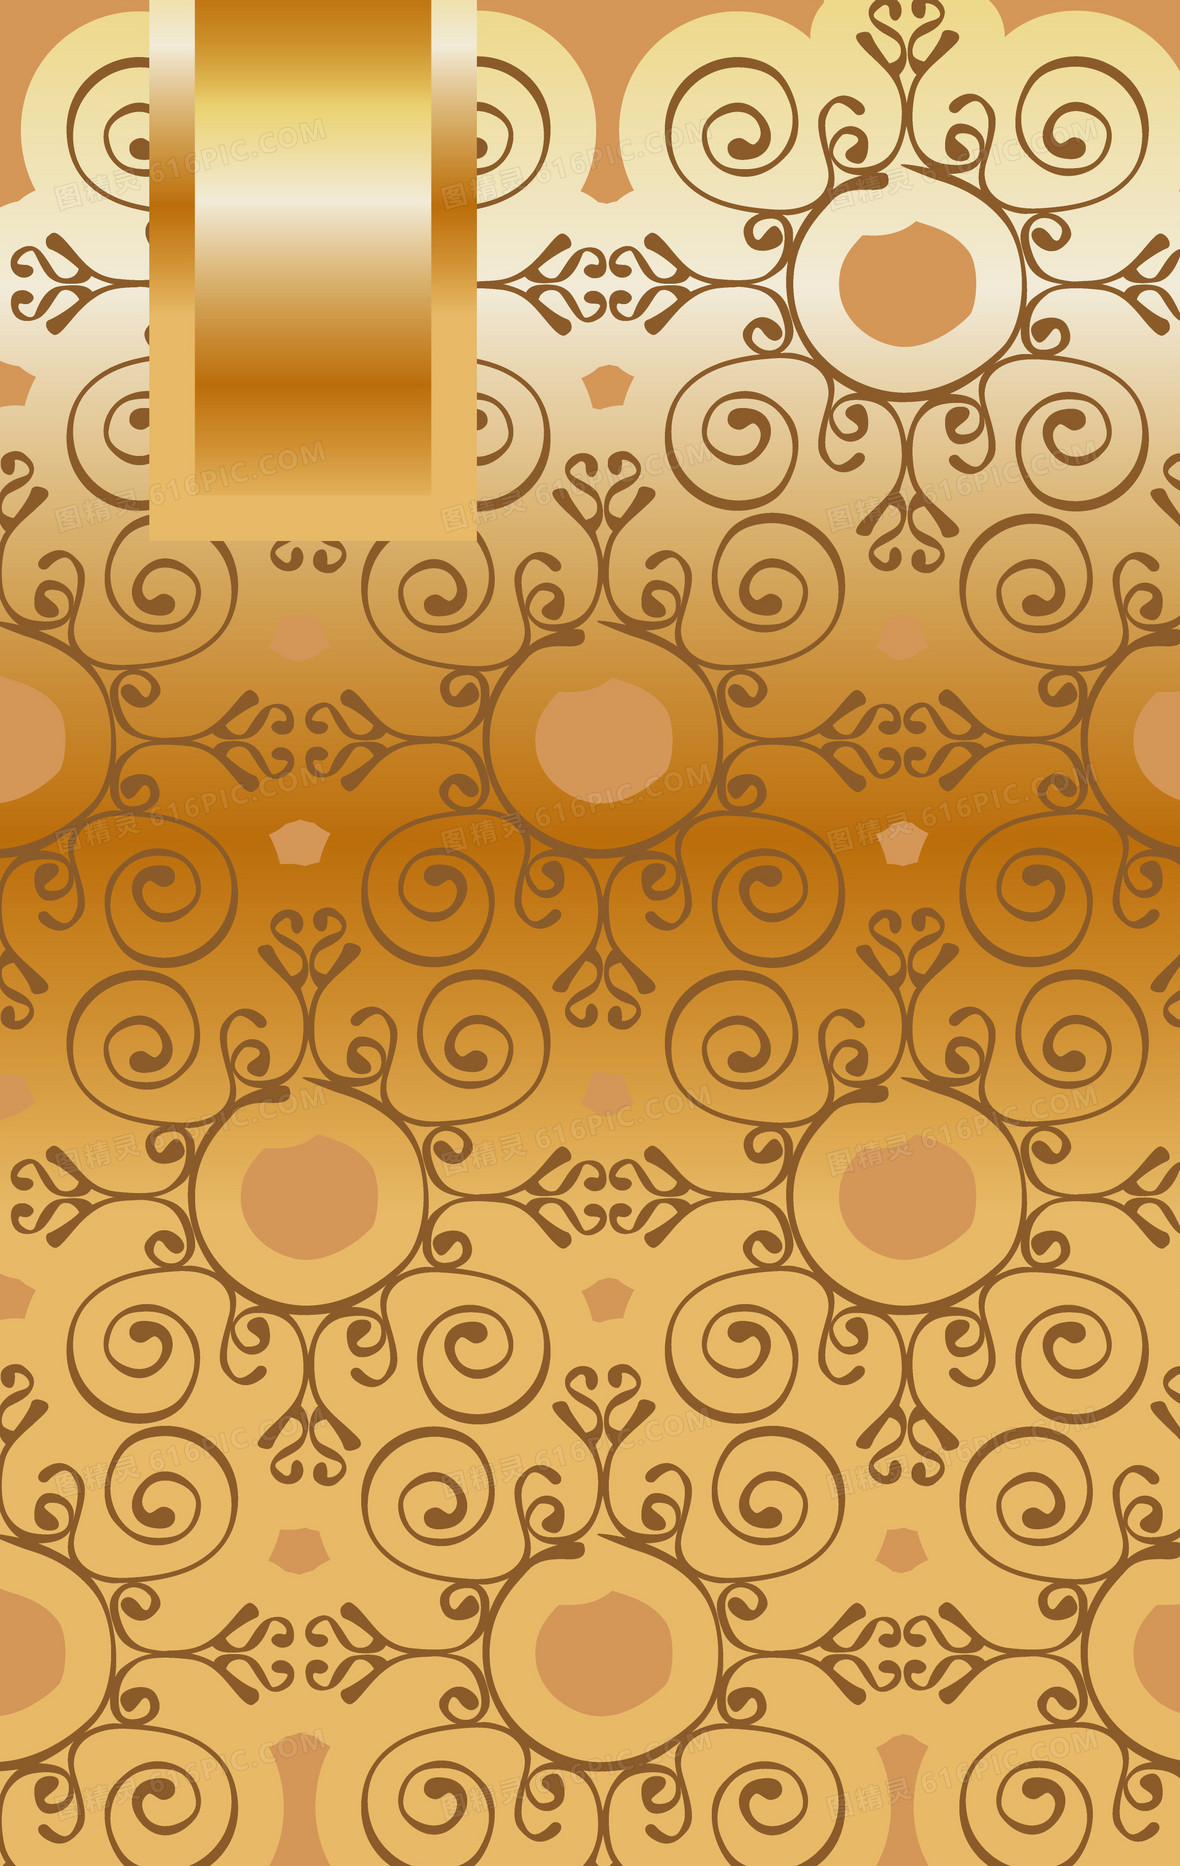 欧式复古金色质感植物花纹封面海报背景